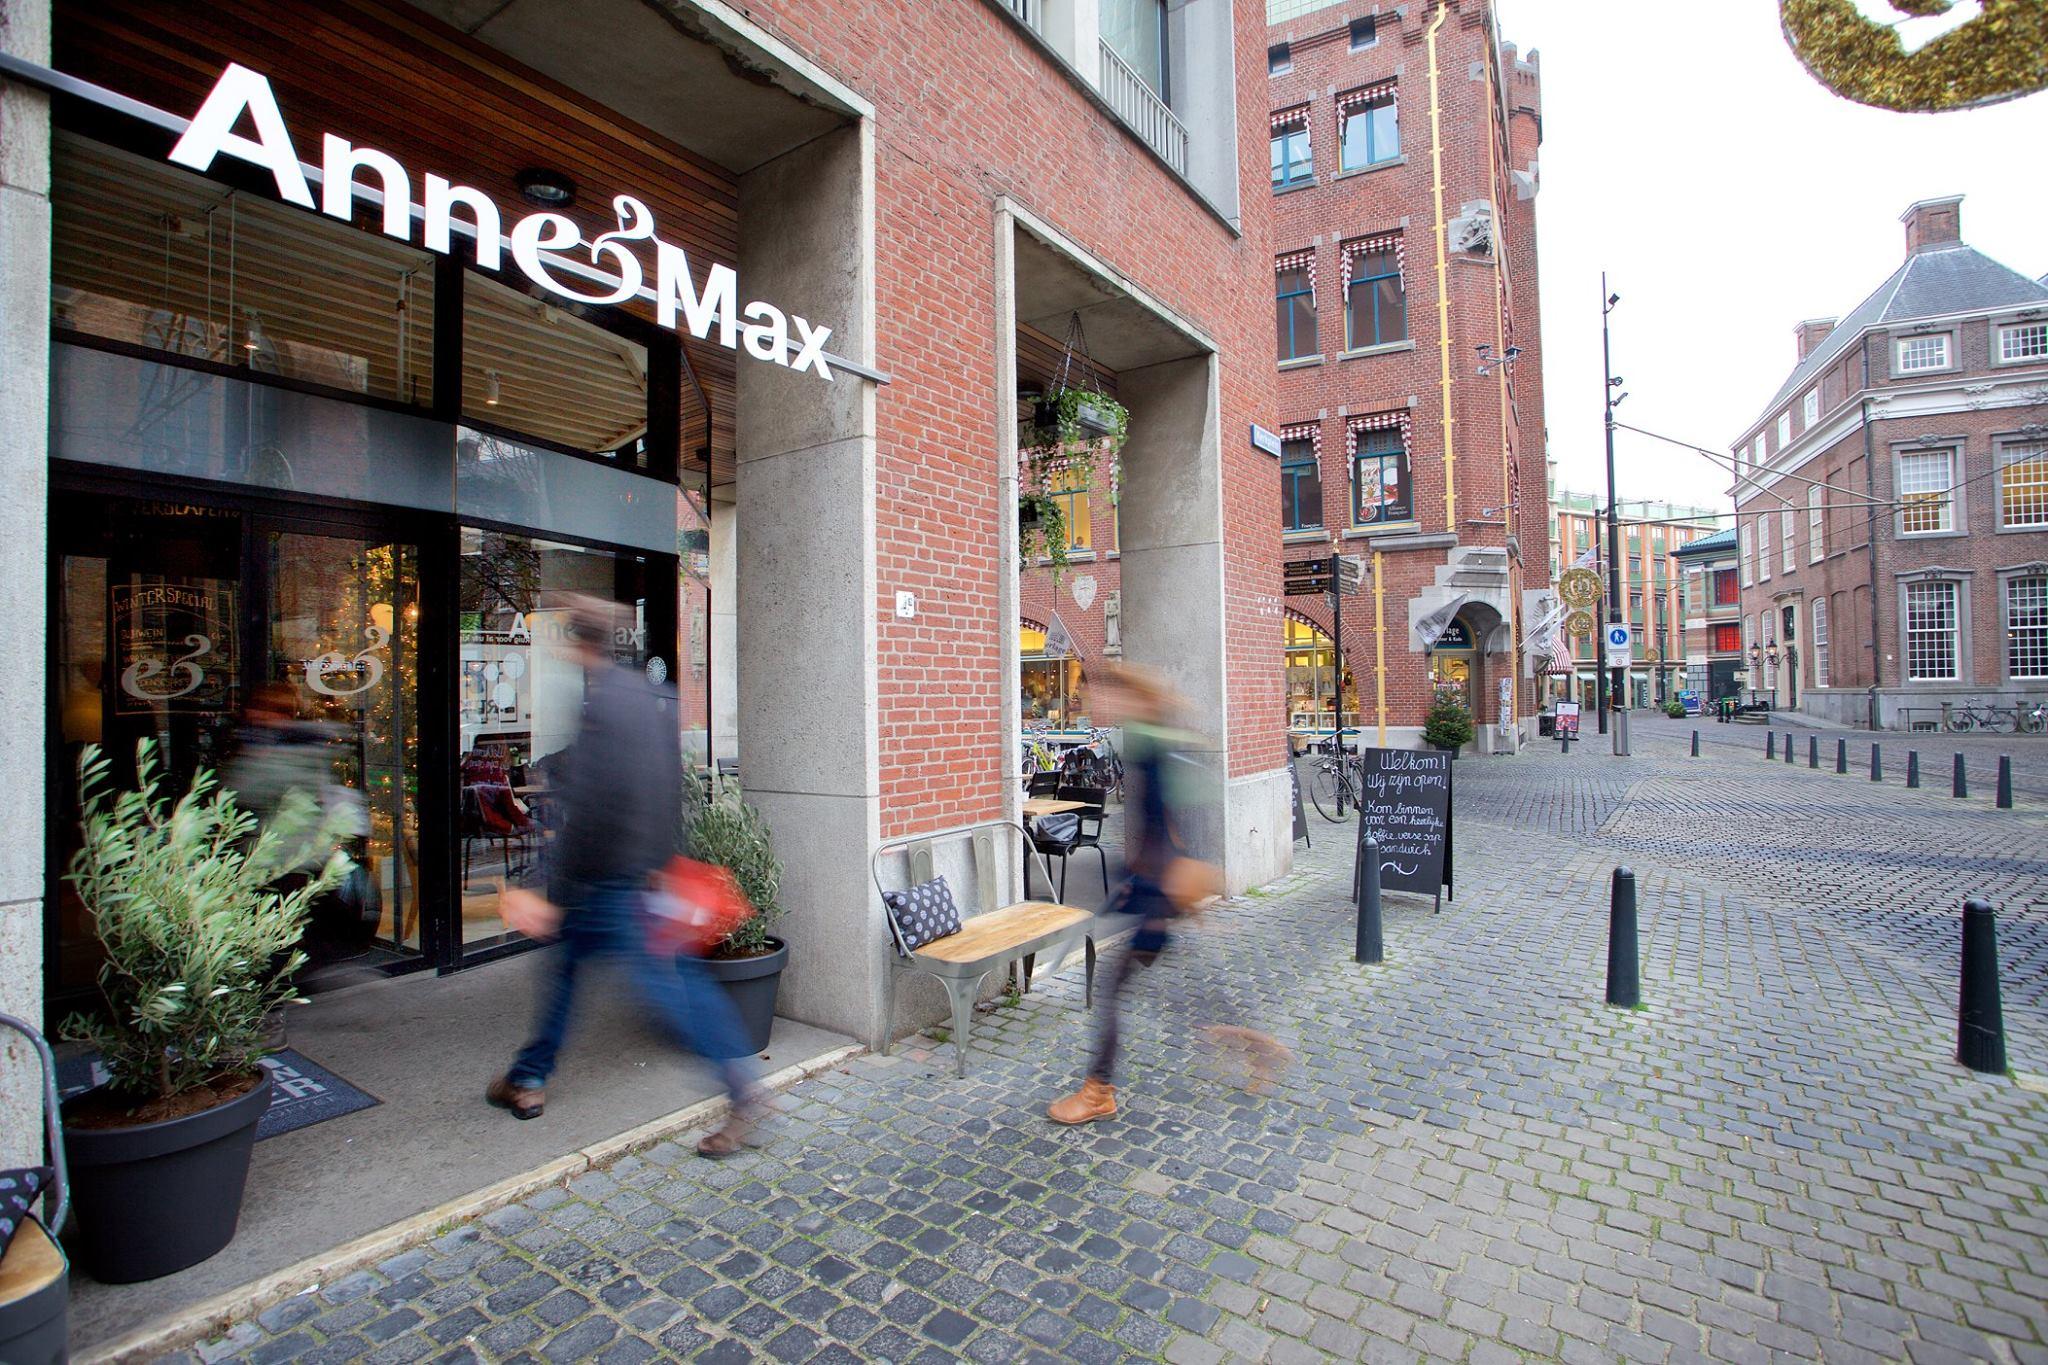 Koffie in Den Haag - anne_max